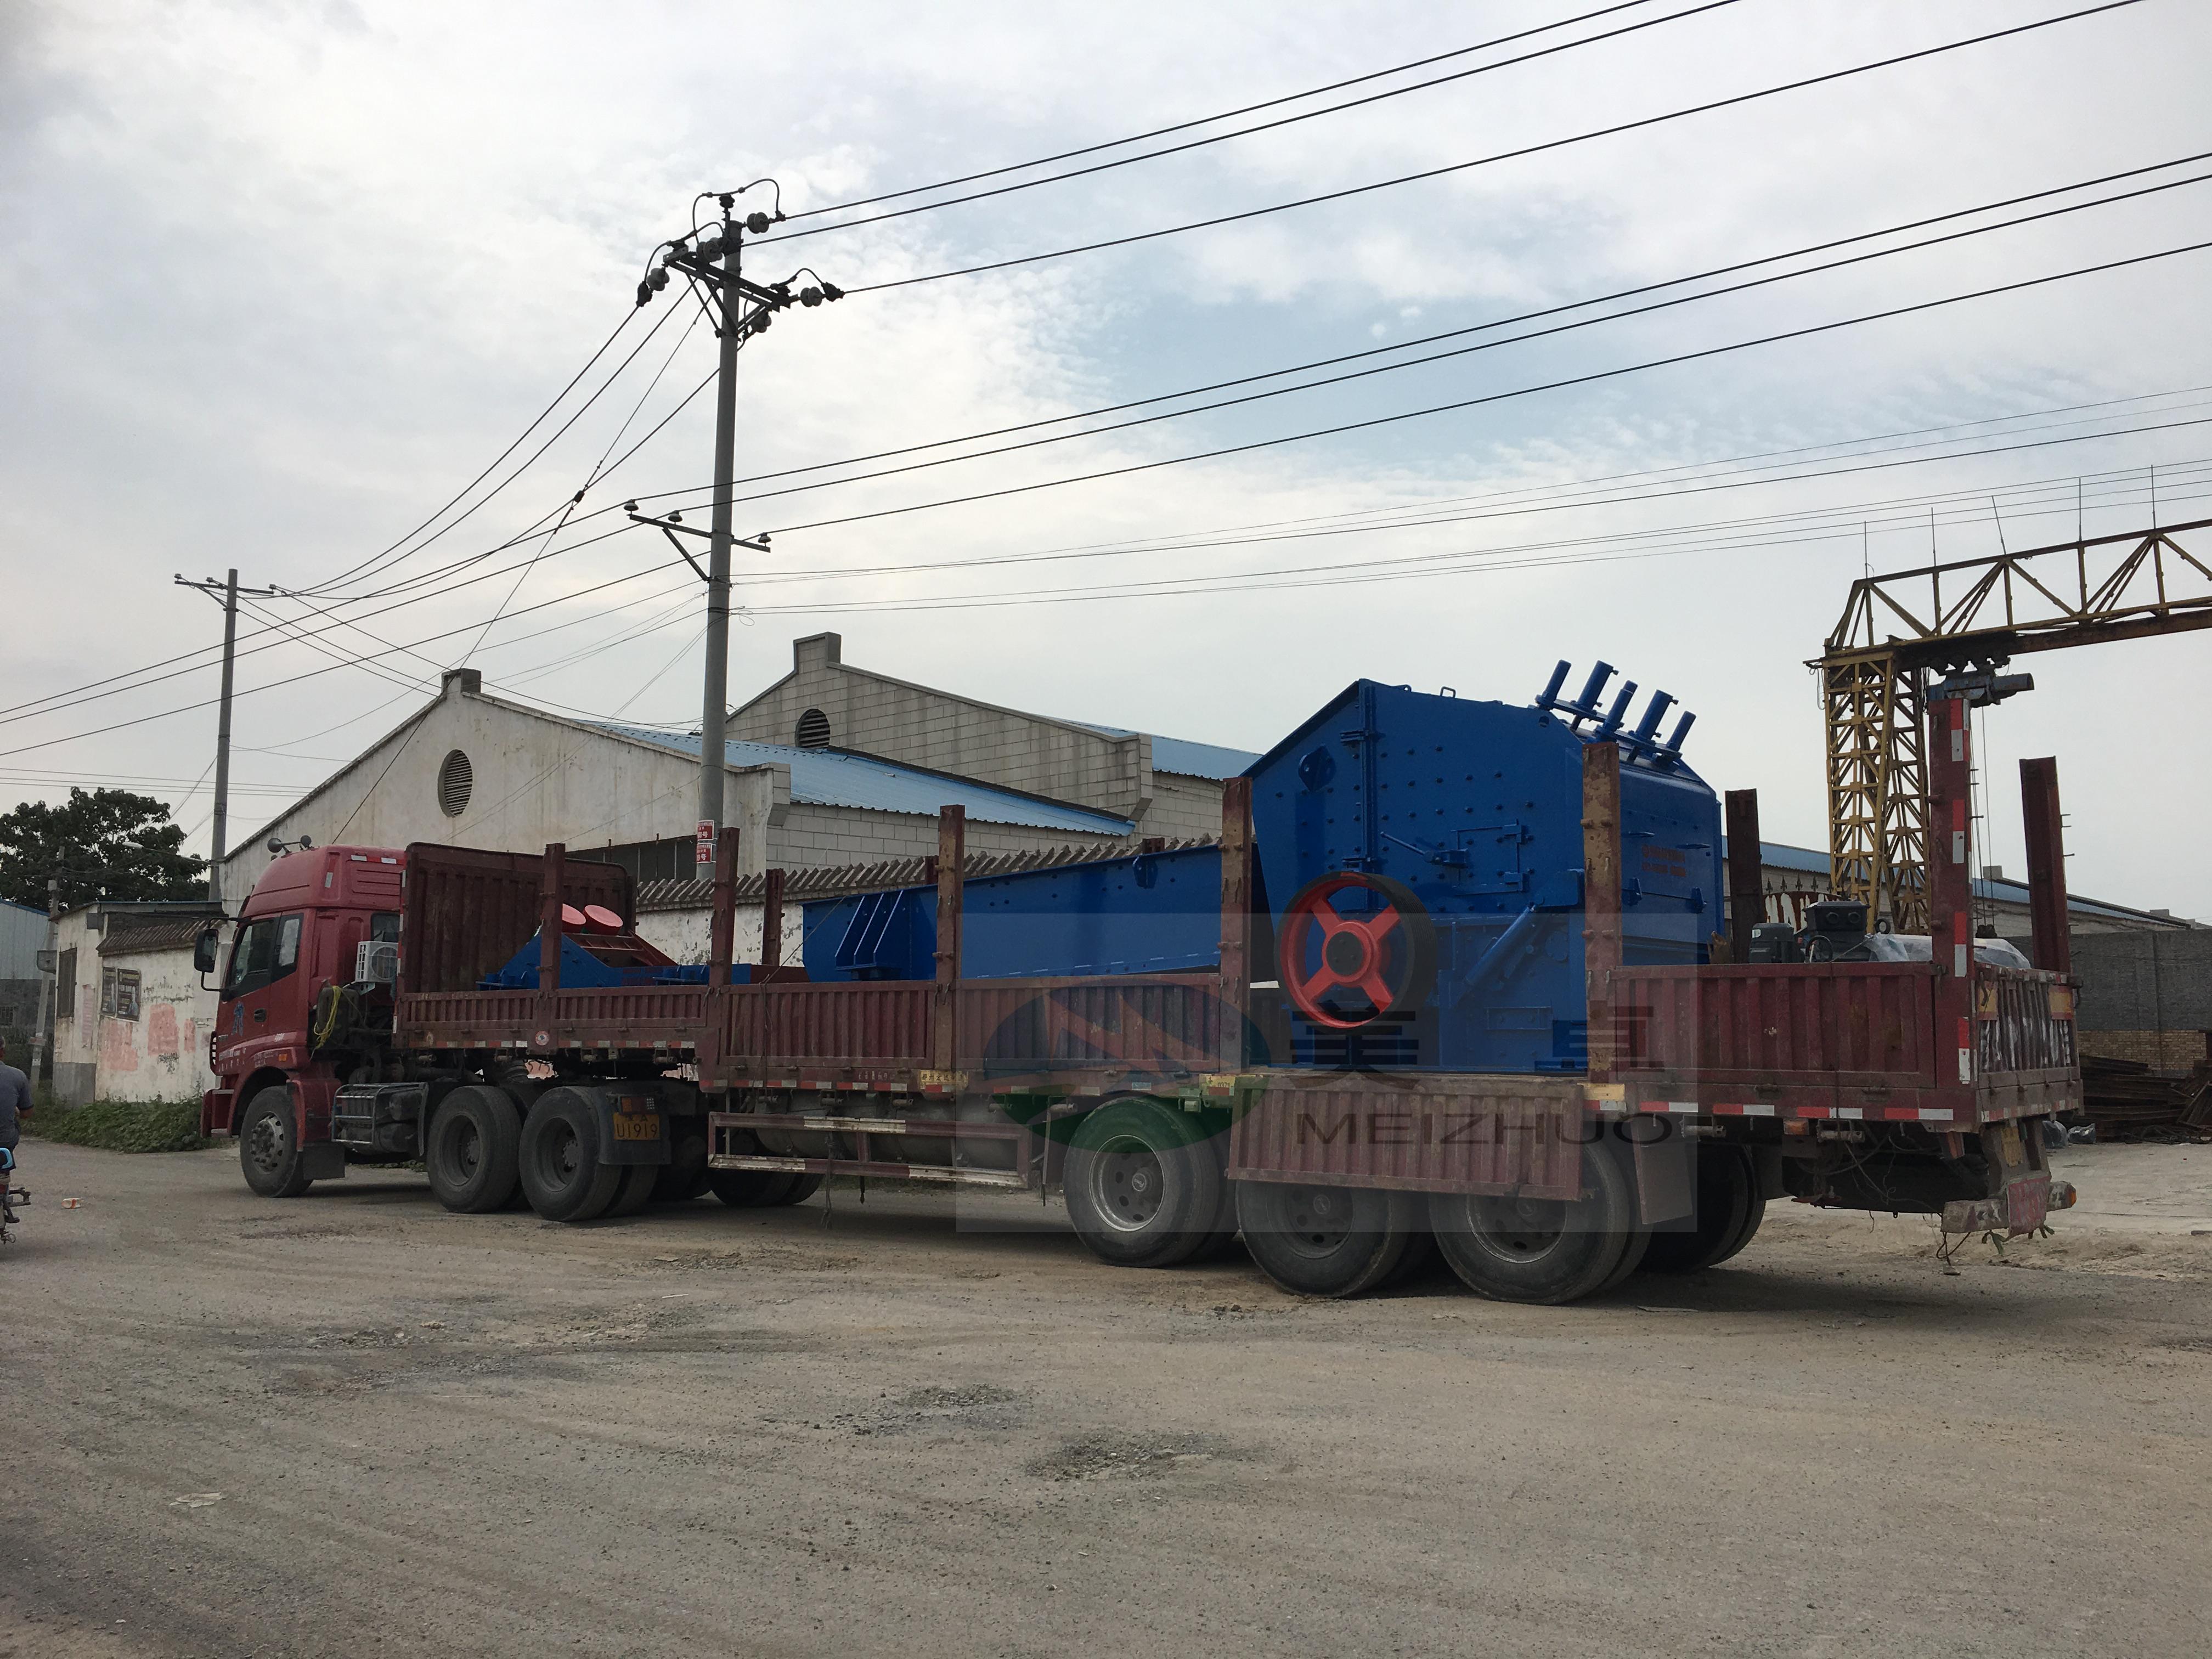 祝贺我司发往湖南永州的移动破碎站顺利启航!